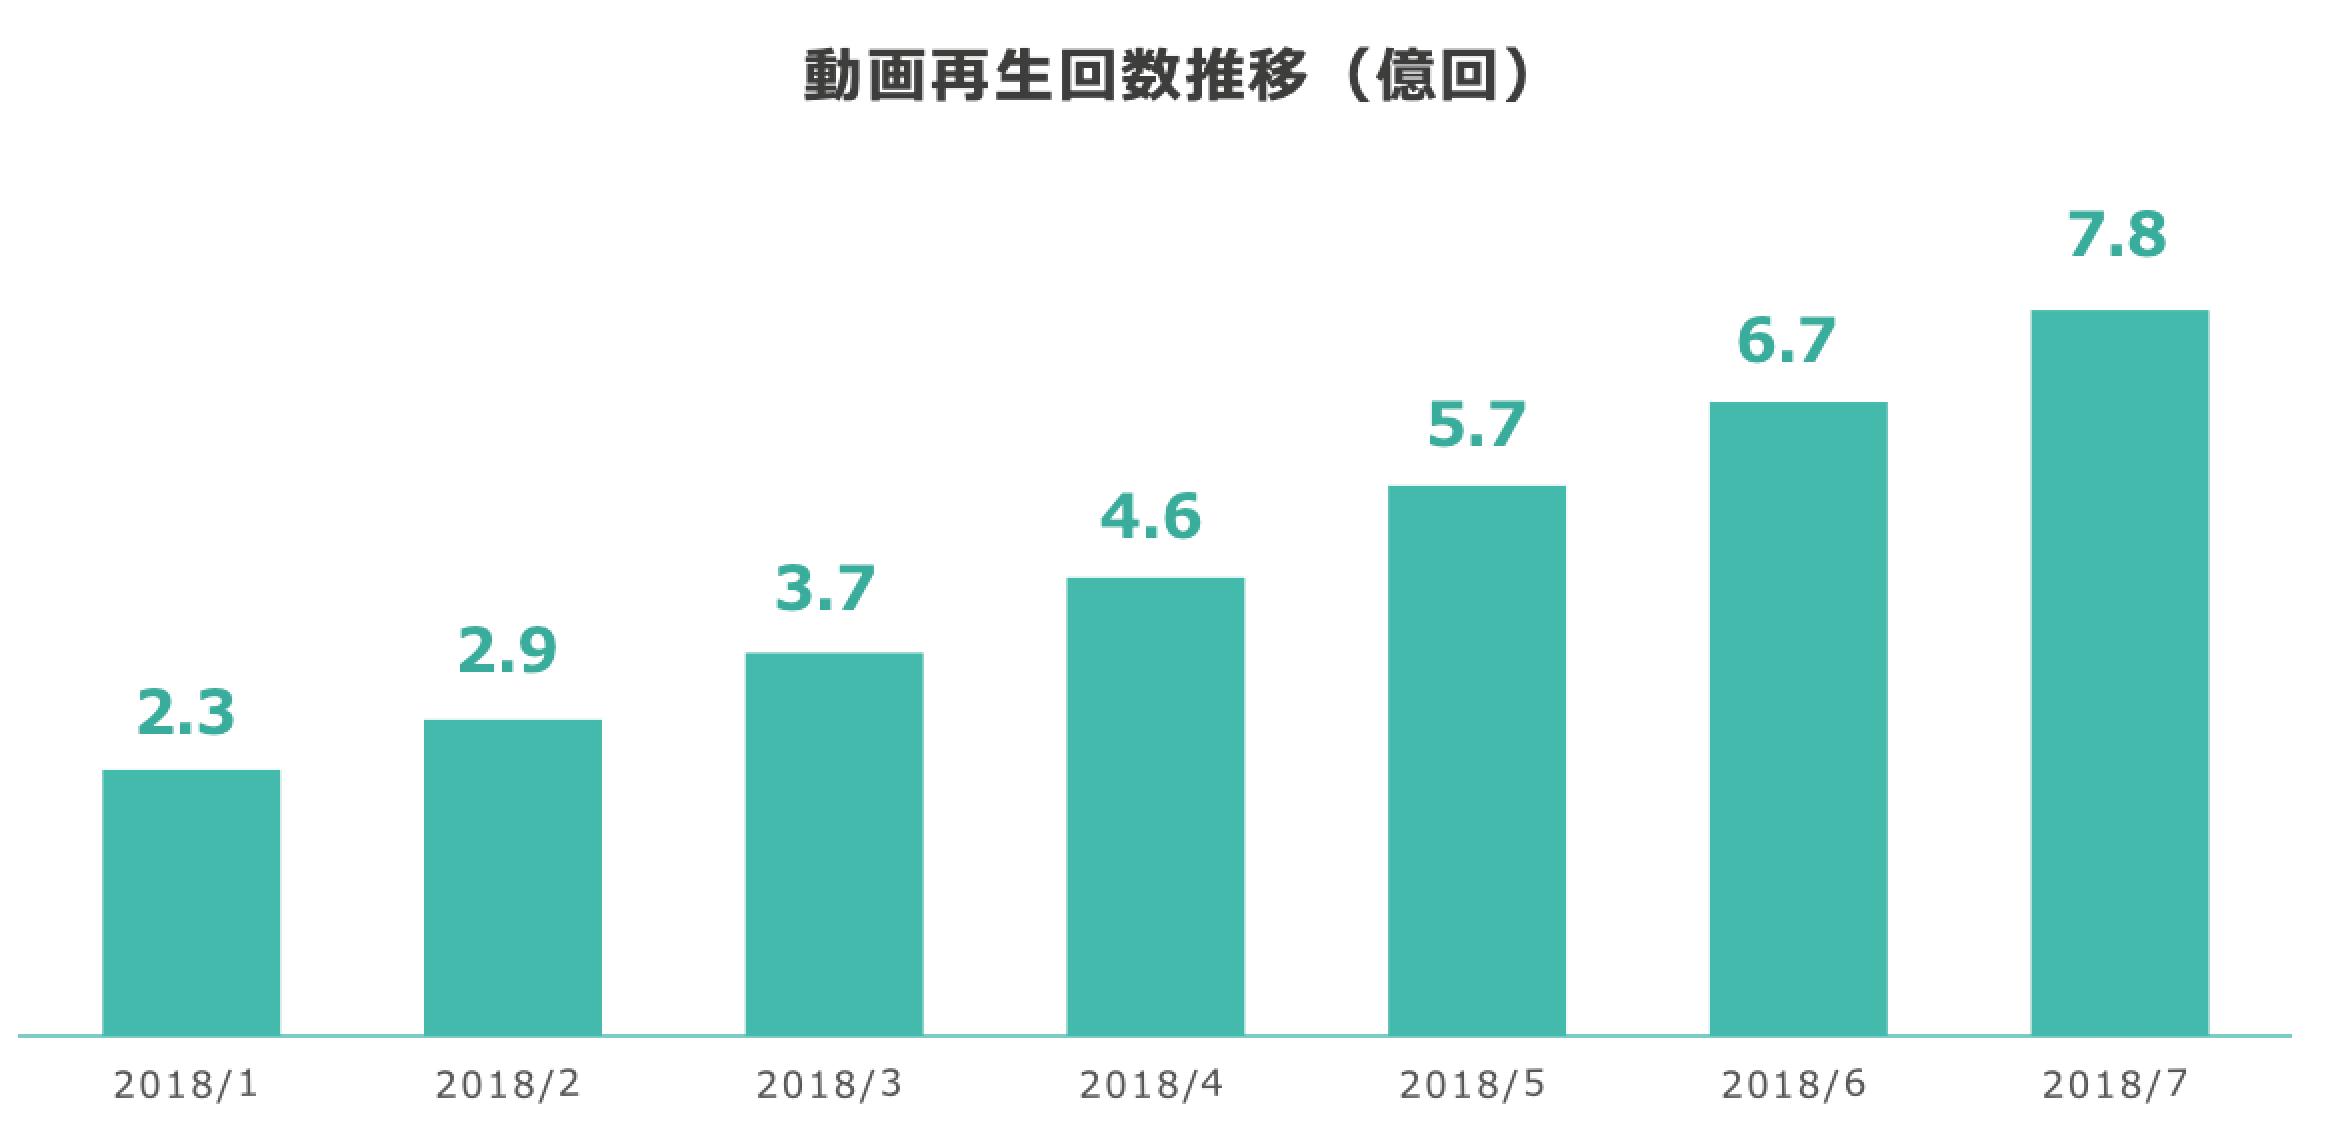 次に、数字から分かるVTuber領域の成長状況を紹介する。まずは、動画の再生回数についてだ。 CyberVによる2018年の調査結果を参考にした、VTuber動画の再生回数の推移図は以下である。